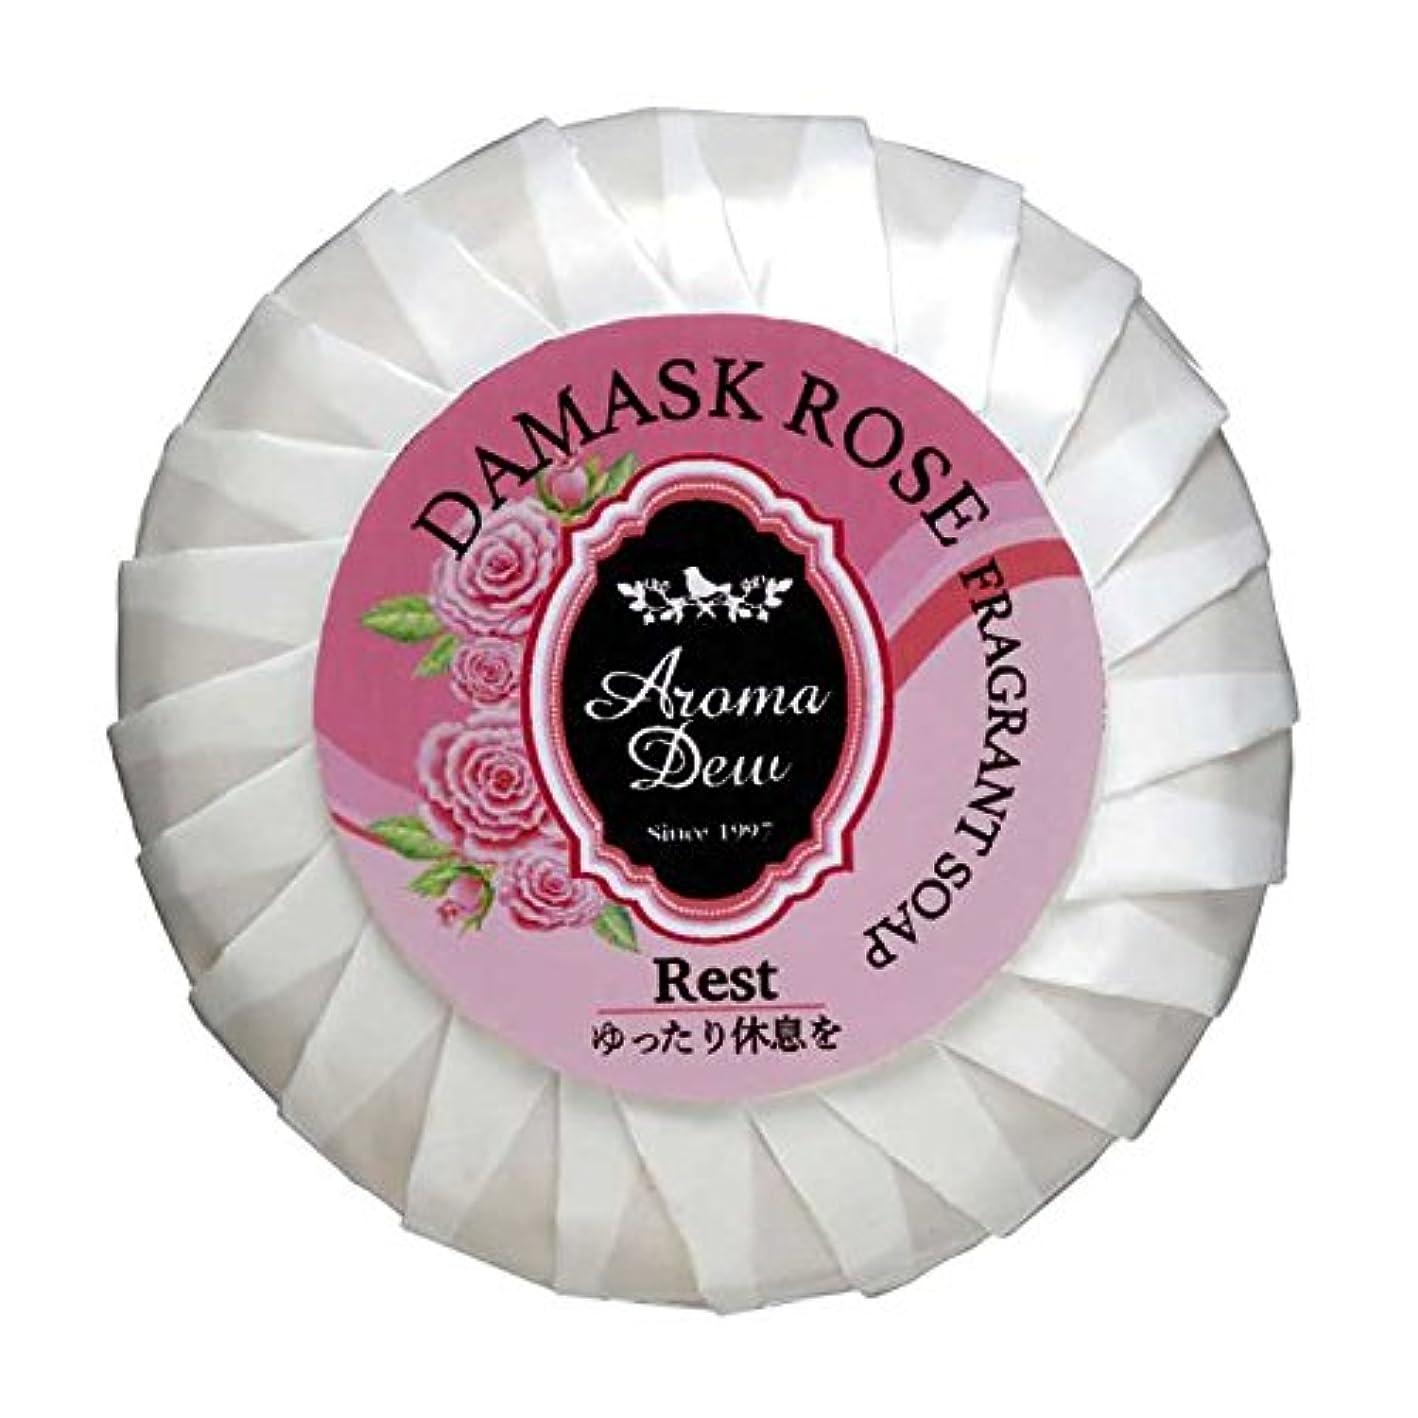 順応性しみマーチャンダイザーアロマデュウ フレグラントソープ ダマスクローズの香り 100g